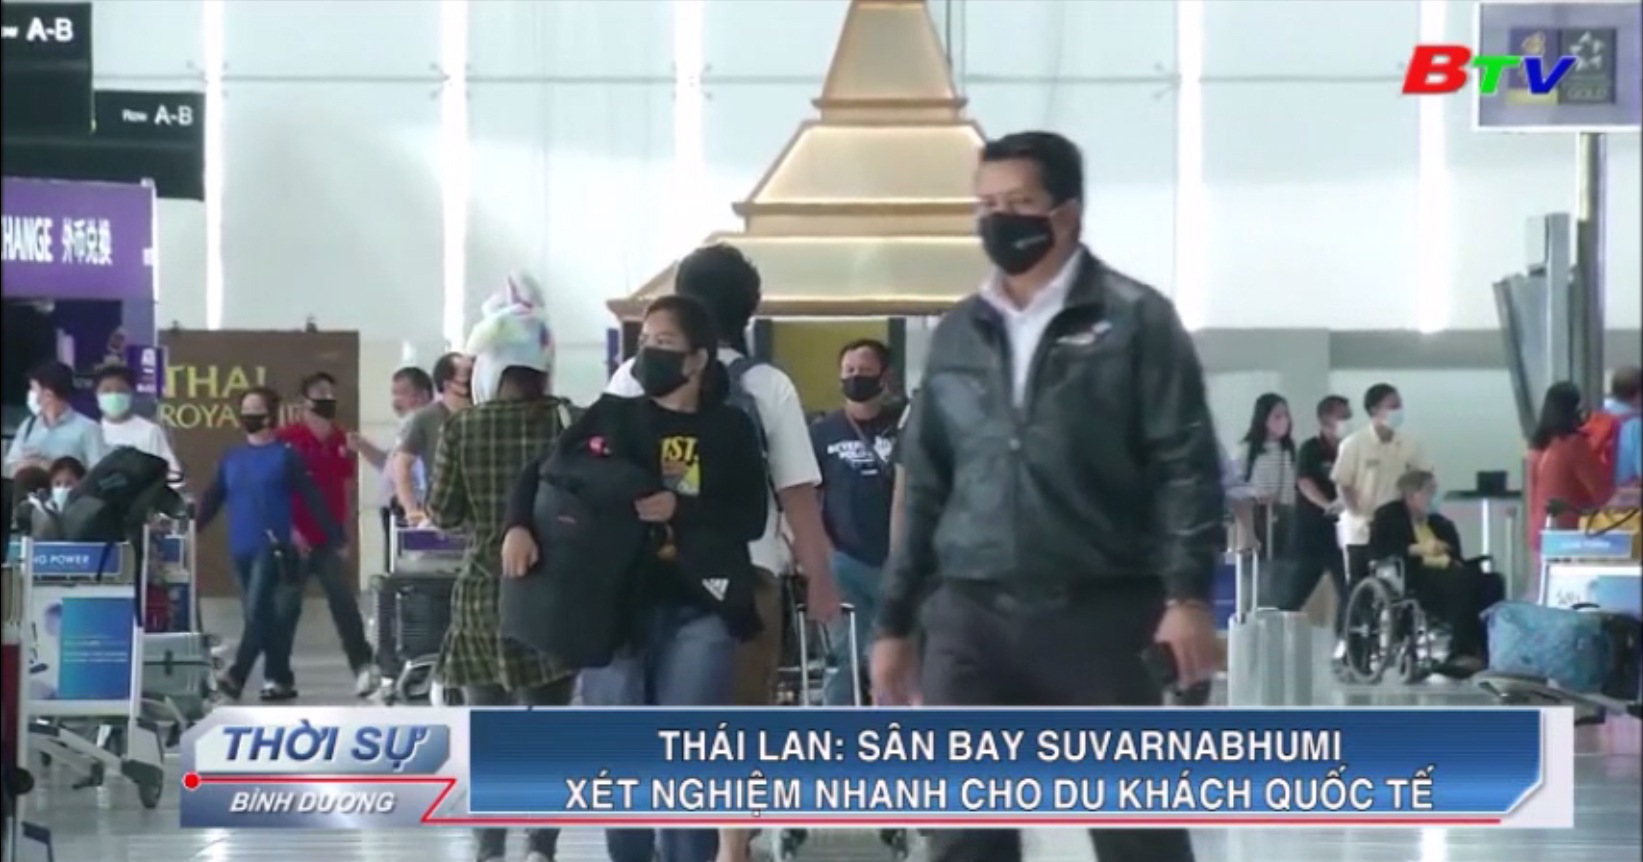 Thái Lan - Sân bay Suvarnabhumi xét nghiệm nhanh cho du khách quốc tế